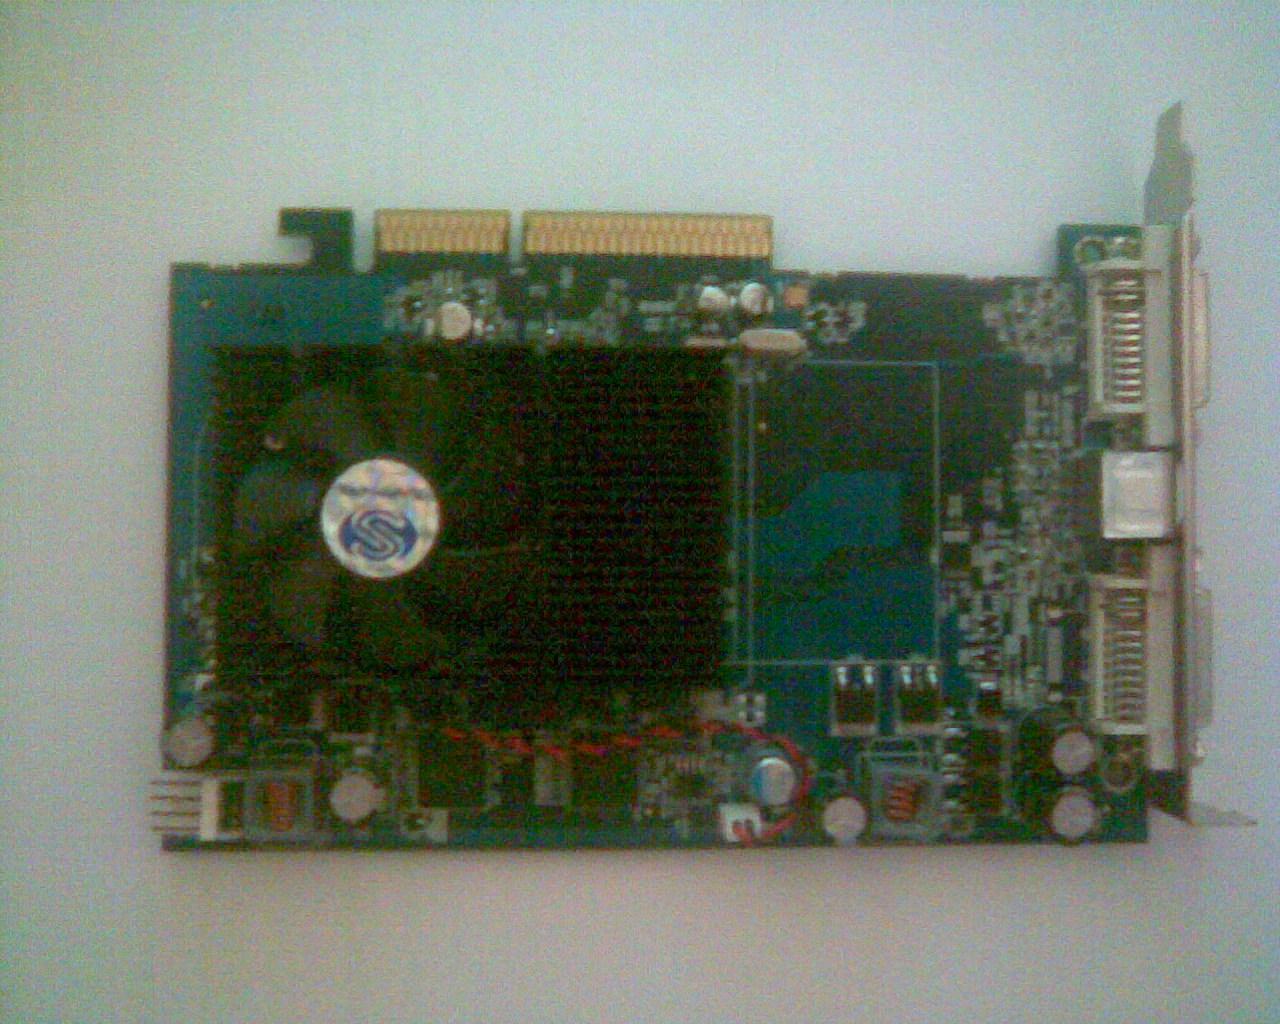 Zawieszanie komputera - Problem z Radeonem 3650 HD i/lub zasilaczem.